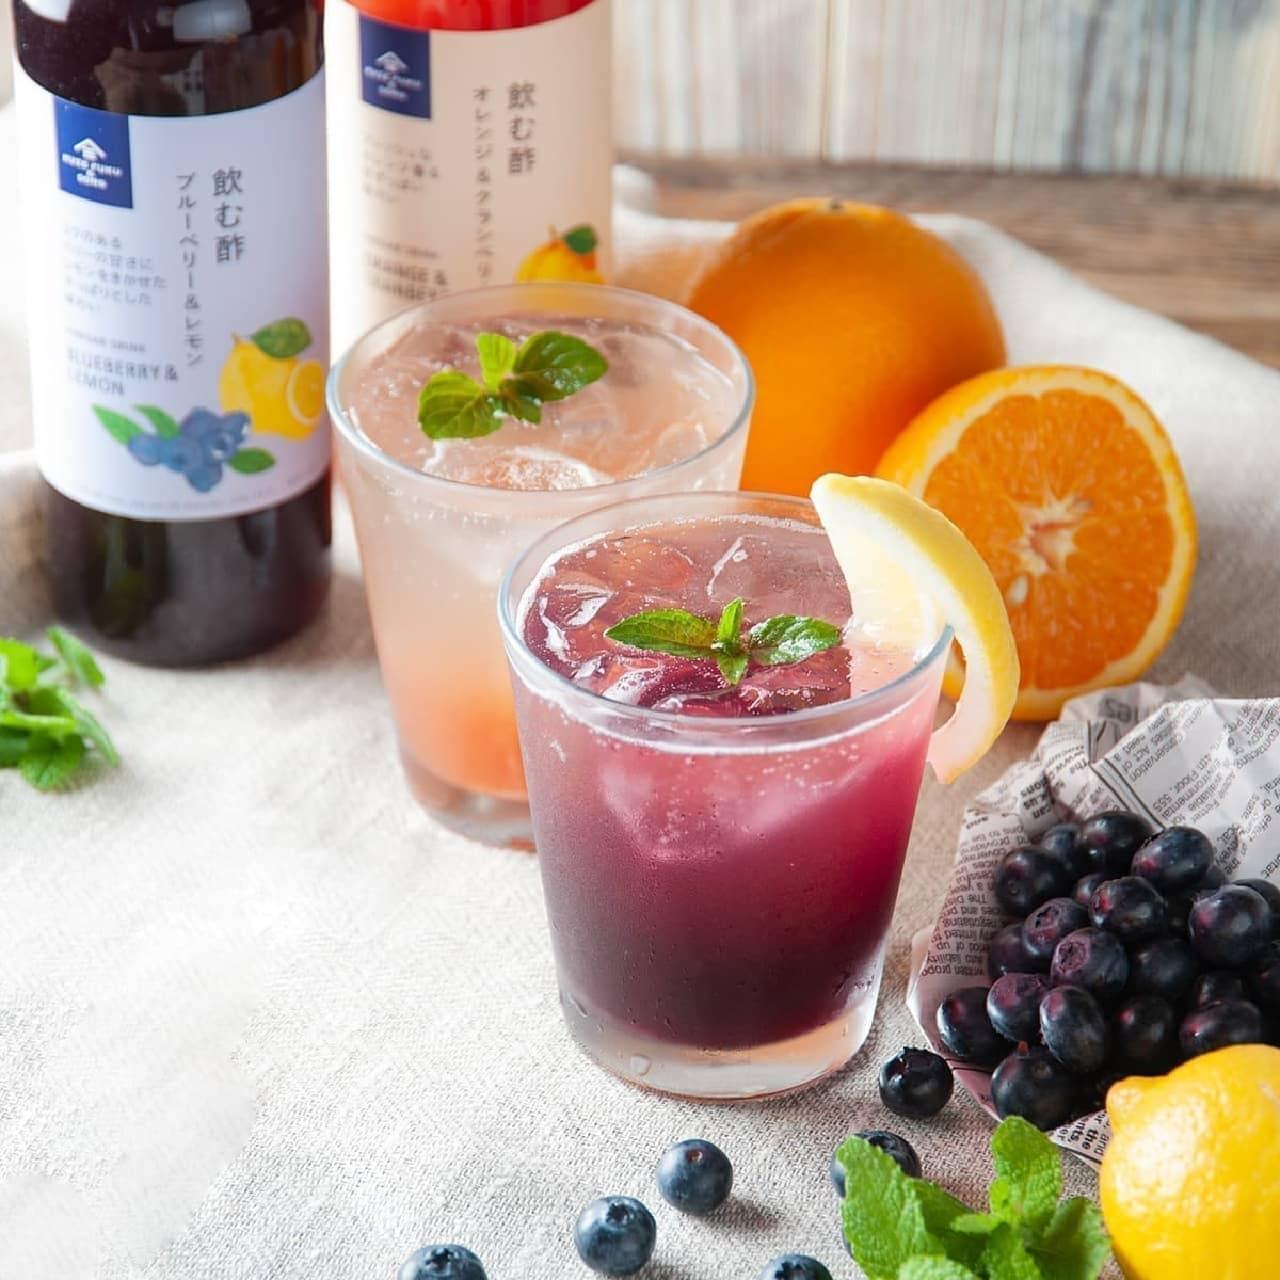 久世福商店・サンクゼール公式オンラインショップ『飲む酢』